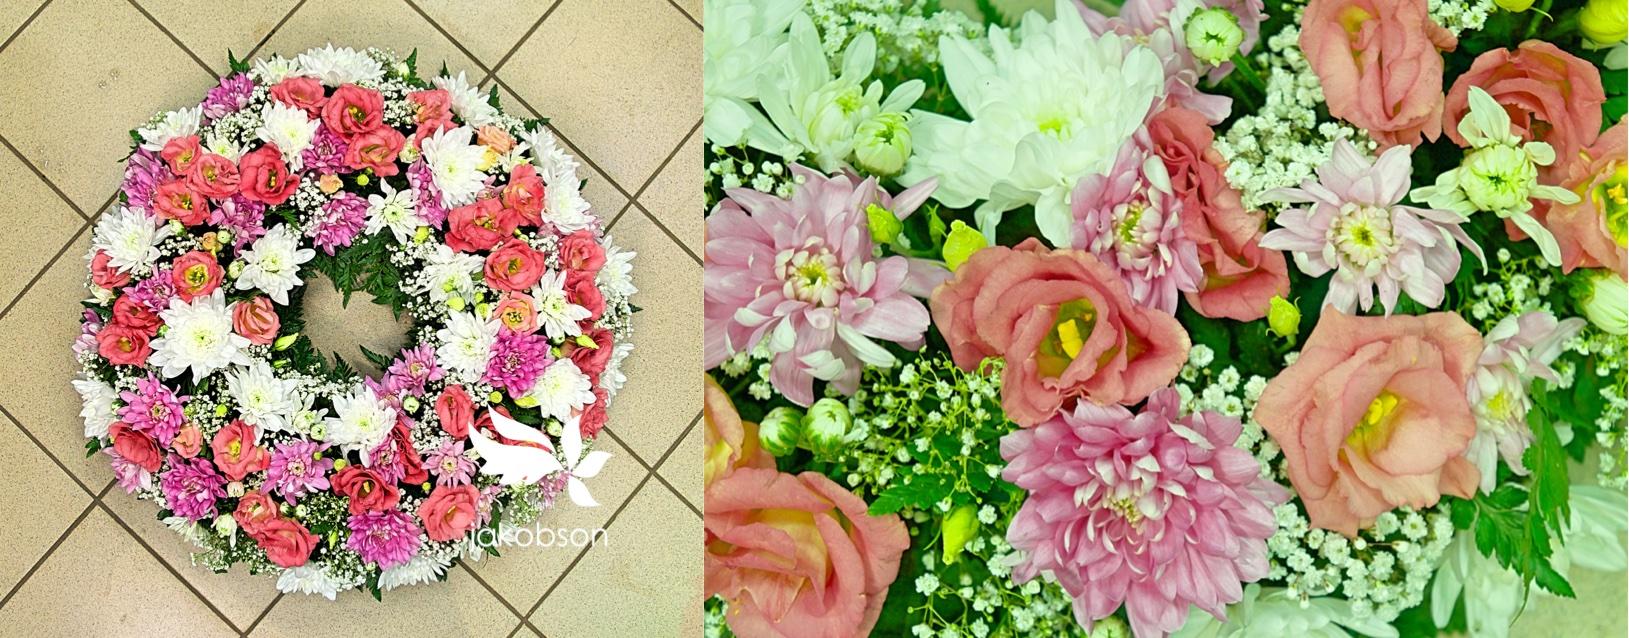 Florist Jakobson - Полный цветов венок.